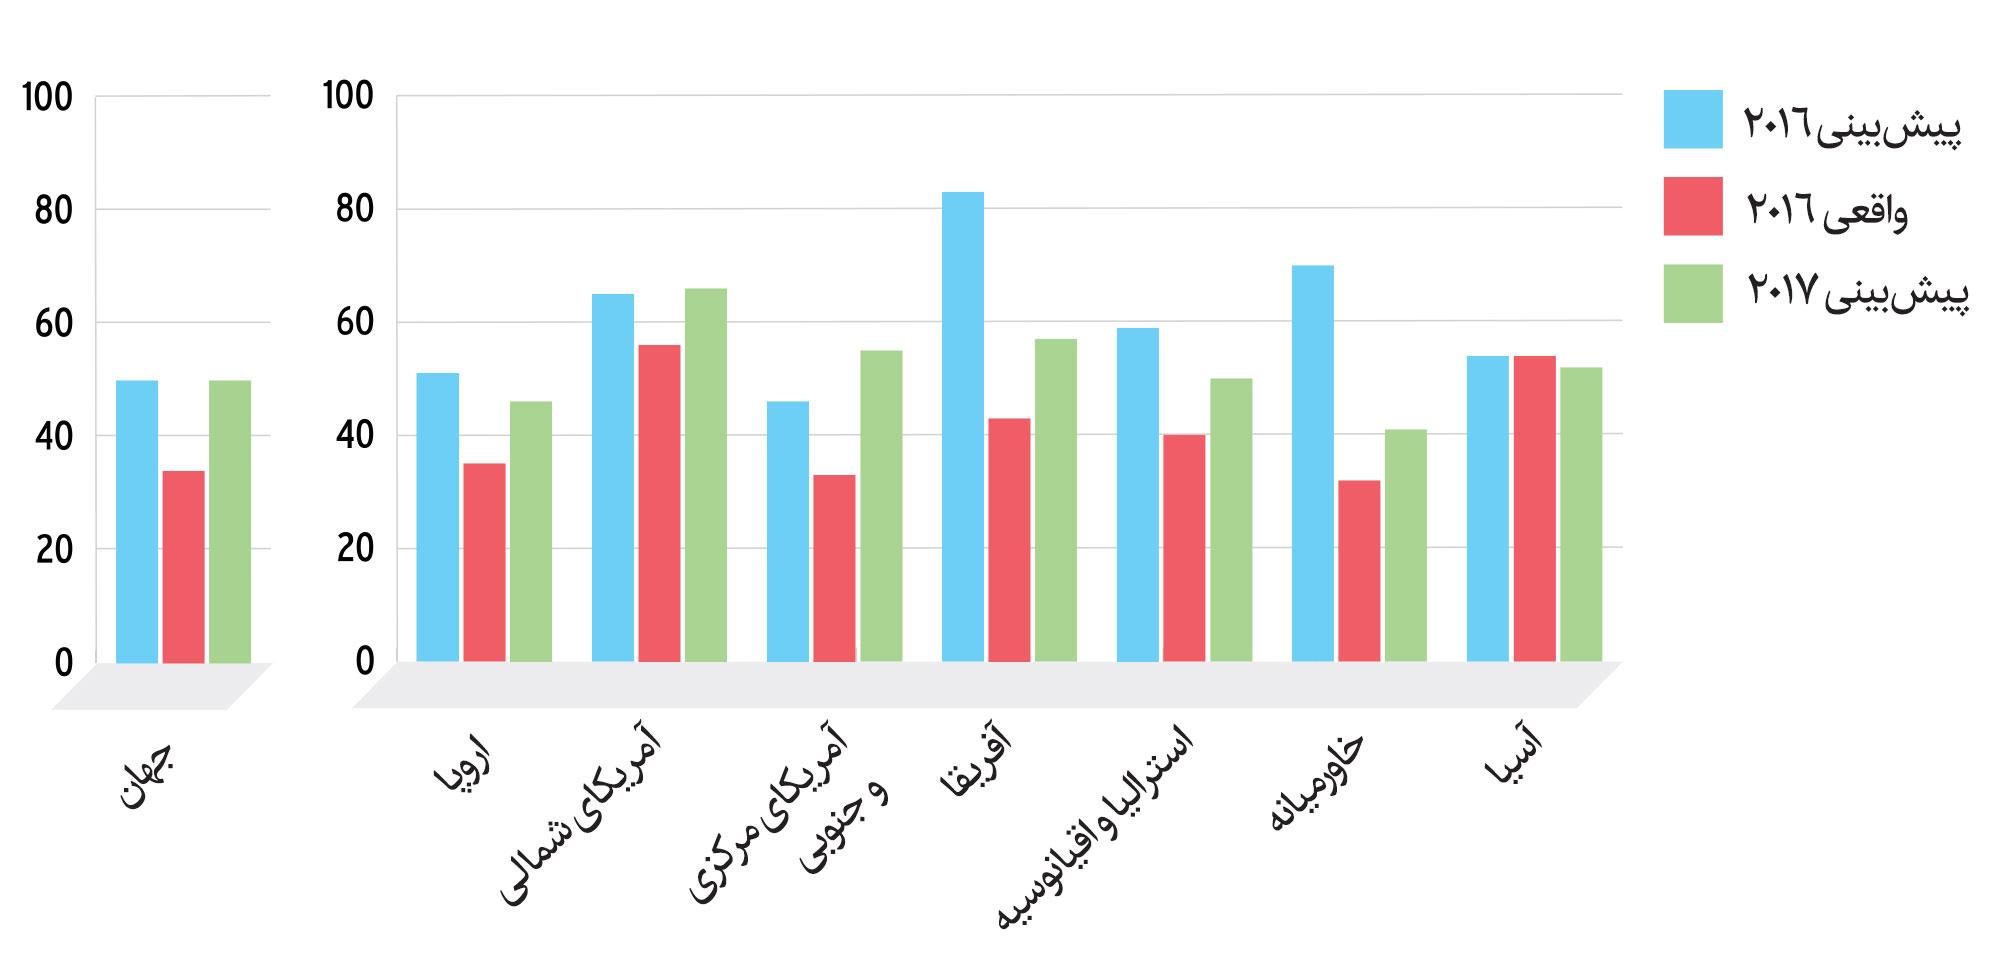 وضعیت اقتصادی تأمین¬کنندگان جهان 2017